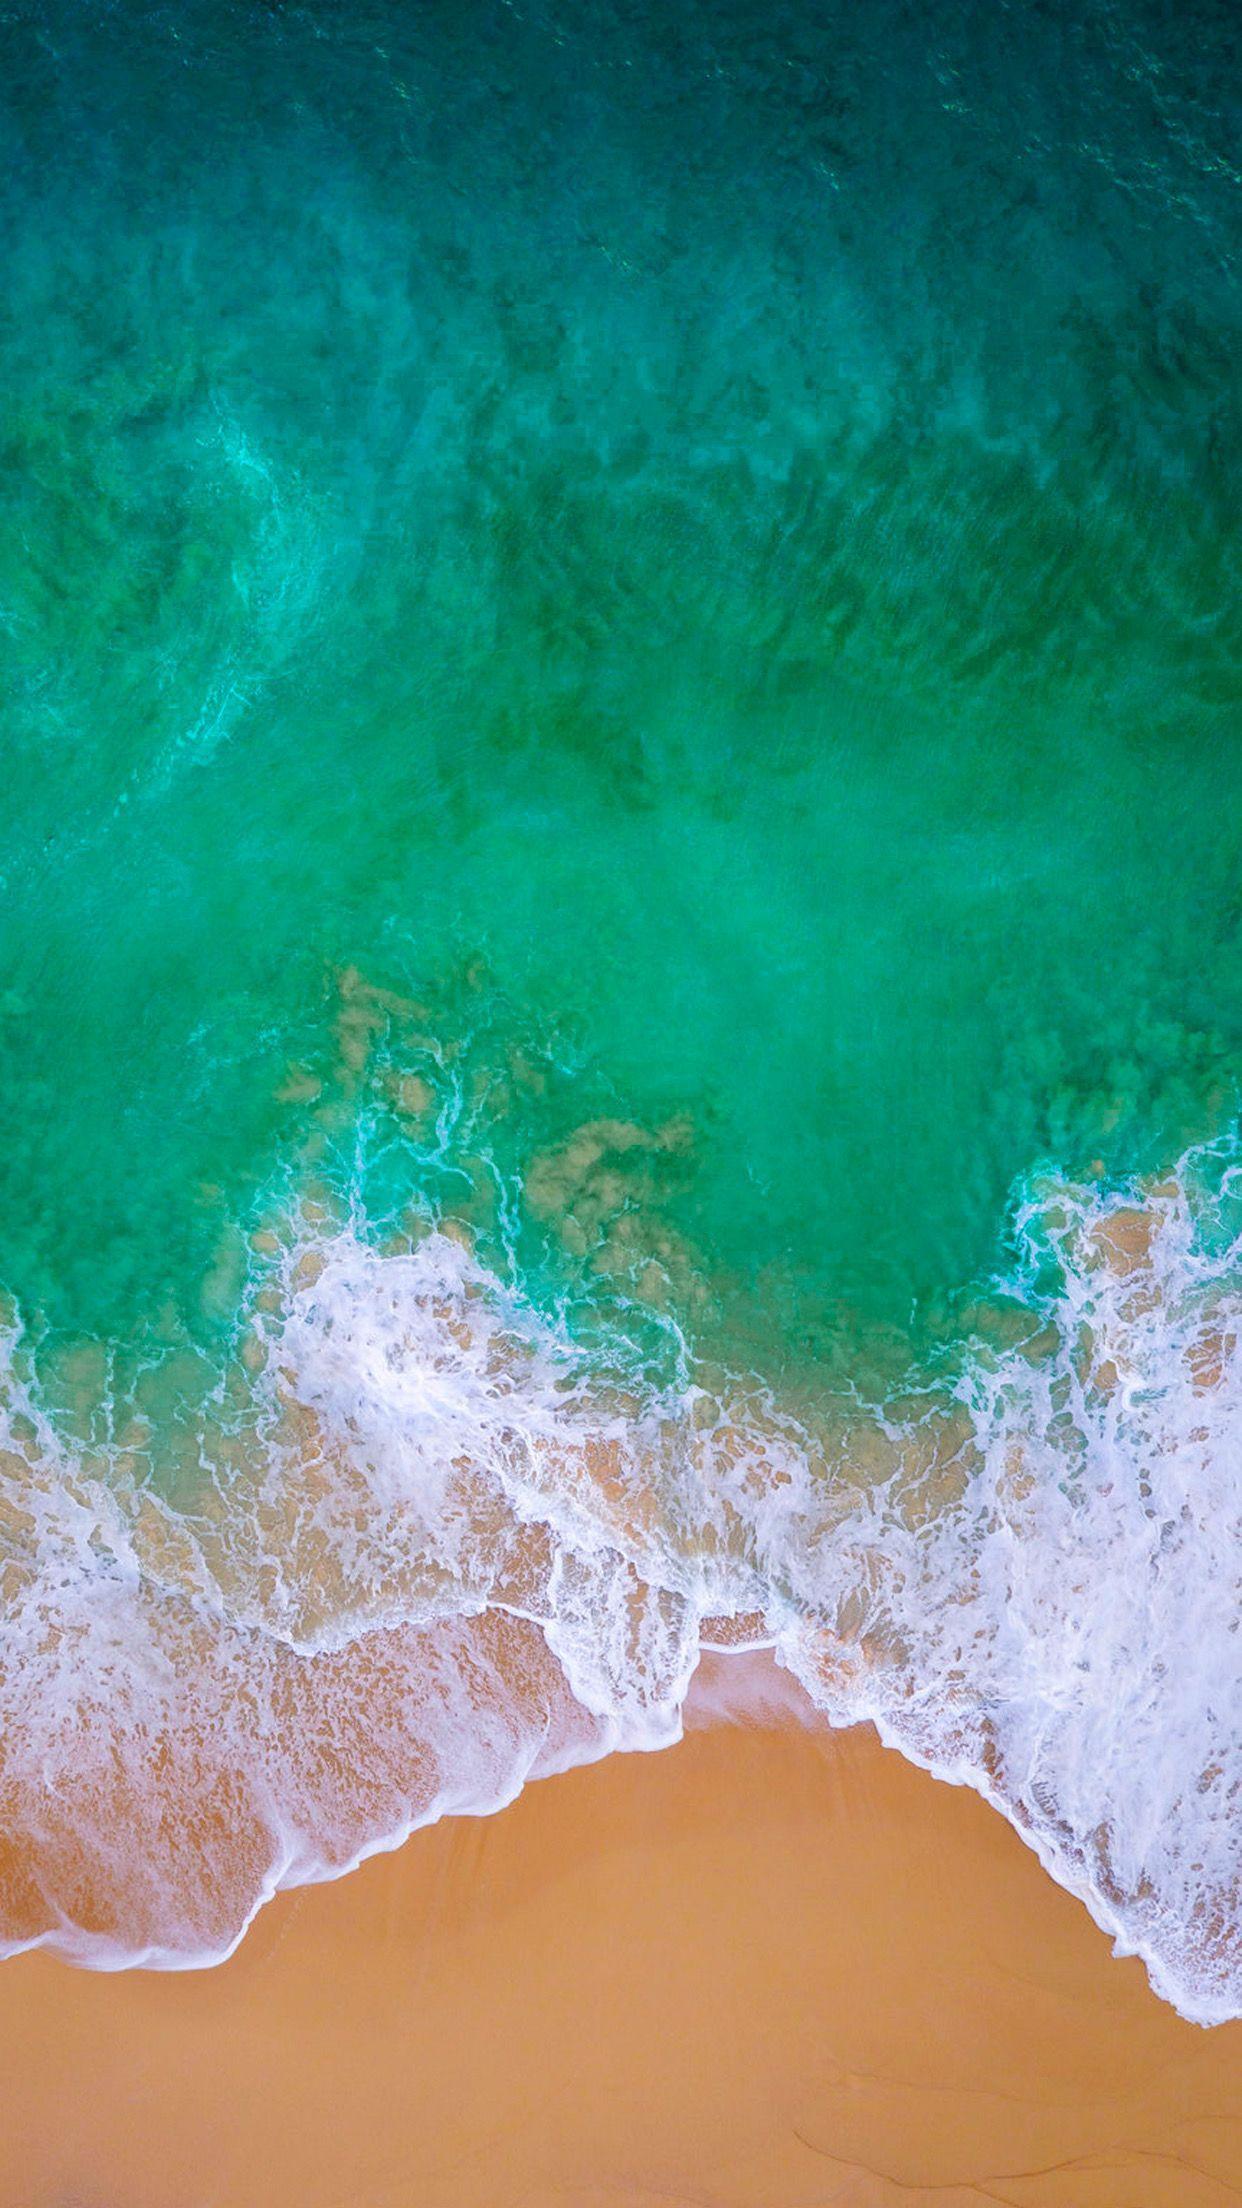 Coses De Mar Fotografia In 2019 Ios 11 Wallpaper Iphone